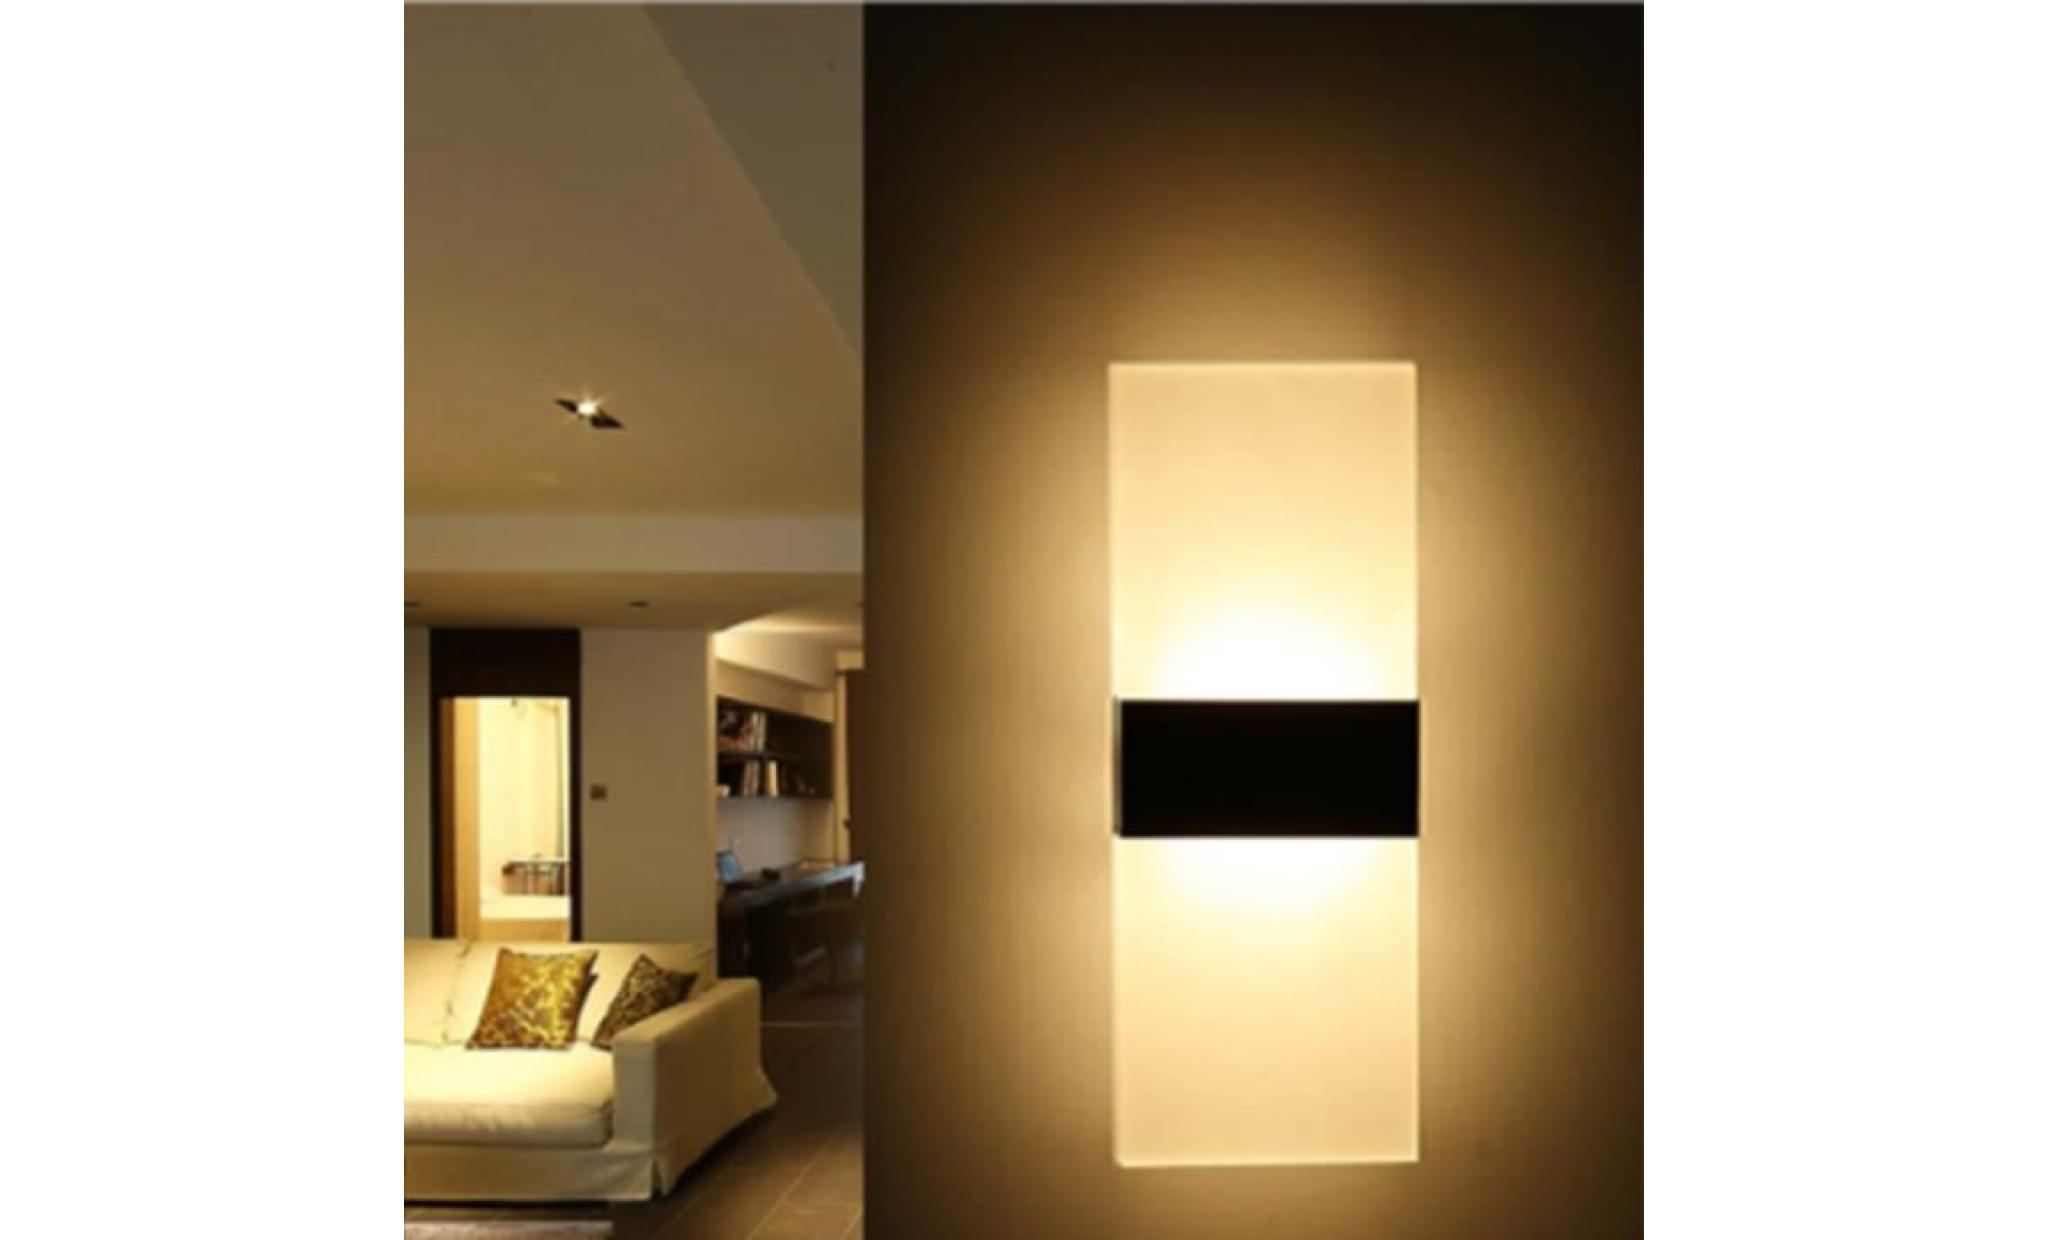 Le Salon Salle Led Chambre Luminaire De Mur Bouton Veilleuse Applique Lumière Poussoir Bain Pour QdBrCxoeEW